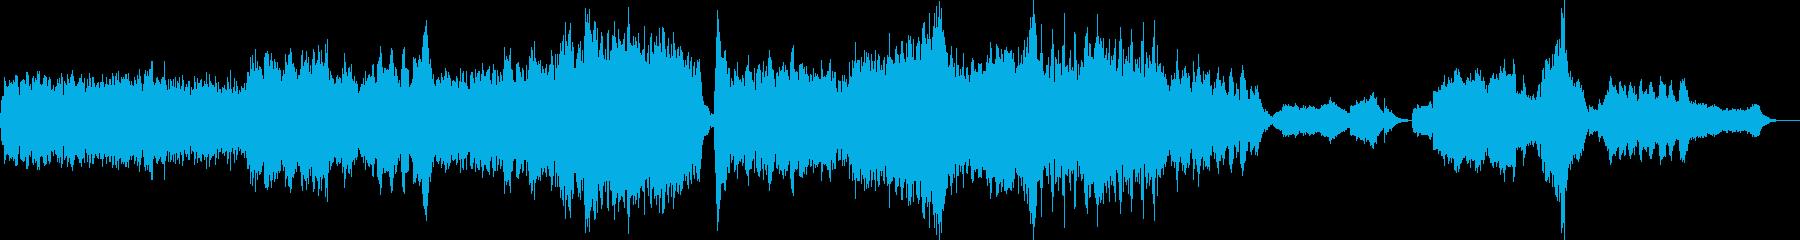 アップテンポコメディタッチオーケストラ曲の再生済みの波形